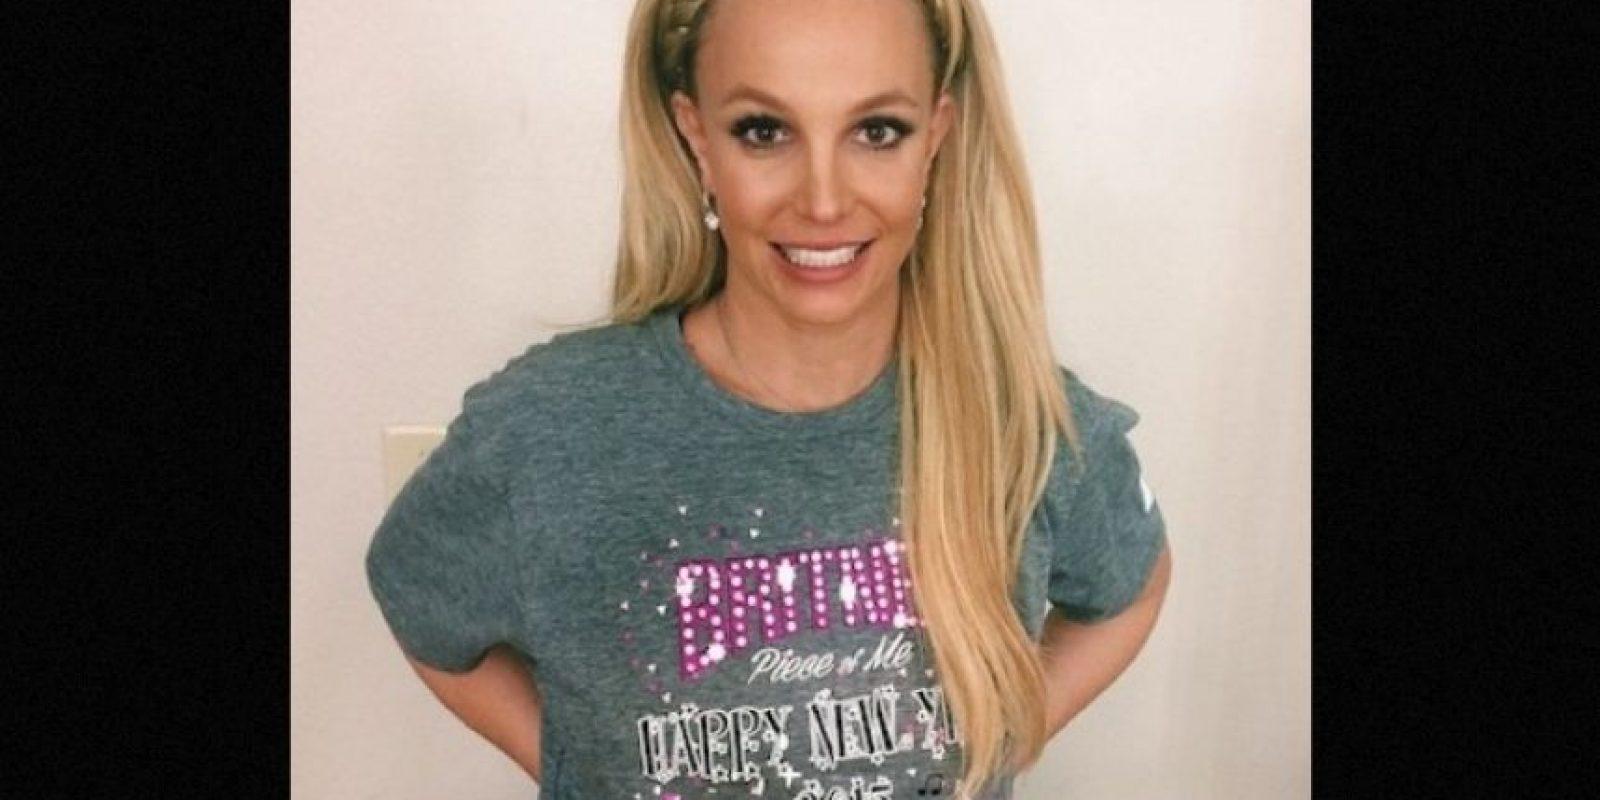 """Britney Spears anunció a través de sus redes sociales que participará en """"Jane the Virgin"""" junto al actor mexicano Jaime Camil. Foto:Instagram/BritneySpears"""